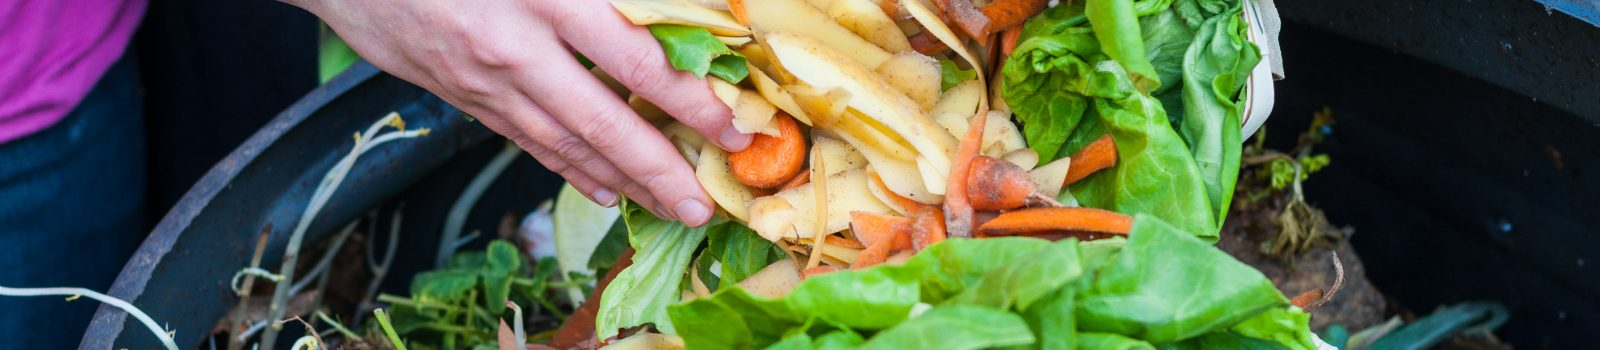 Tjej slänger matrester i komposttunna